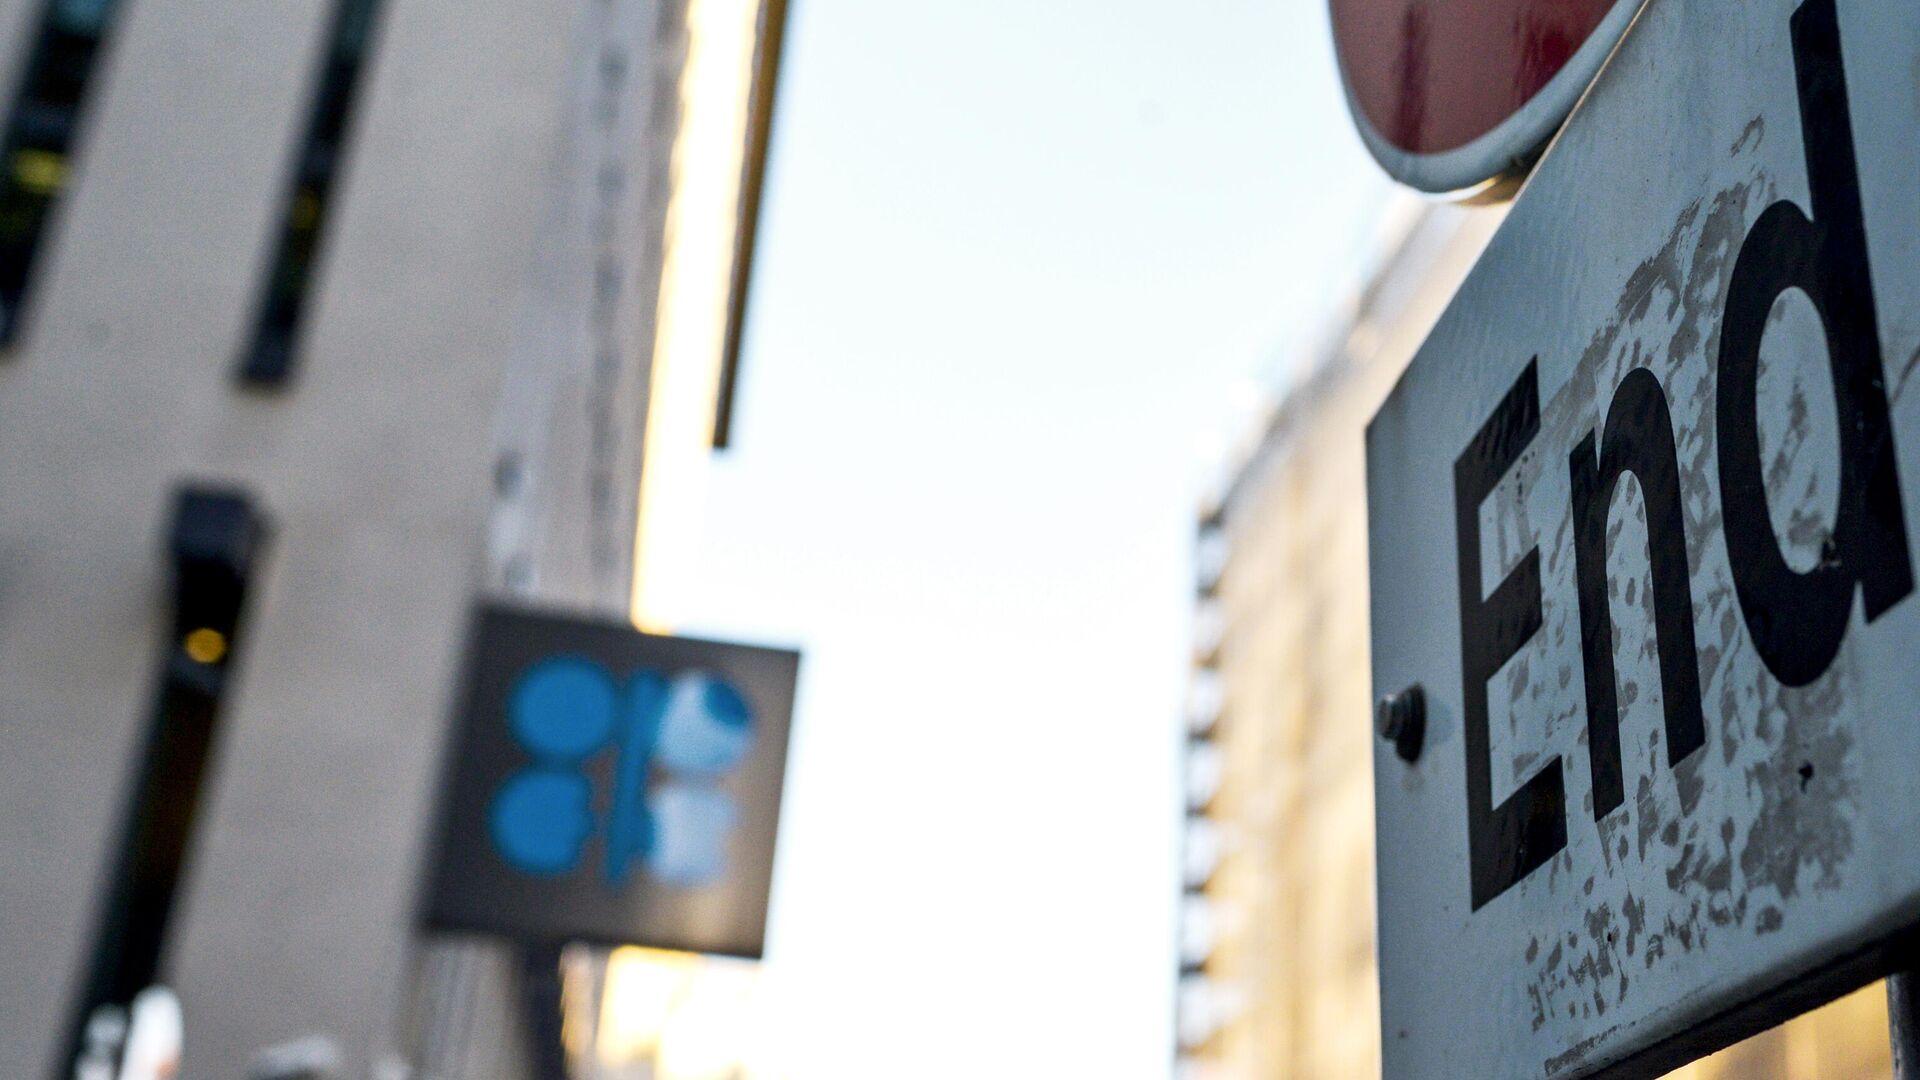 Дорожный знак у здания штаб-квартиры ОПЕК в Вене - РИА Новости, 1920, 04.01.2021